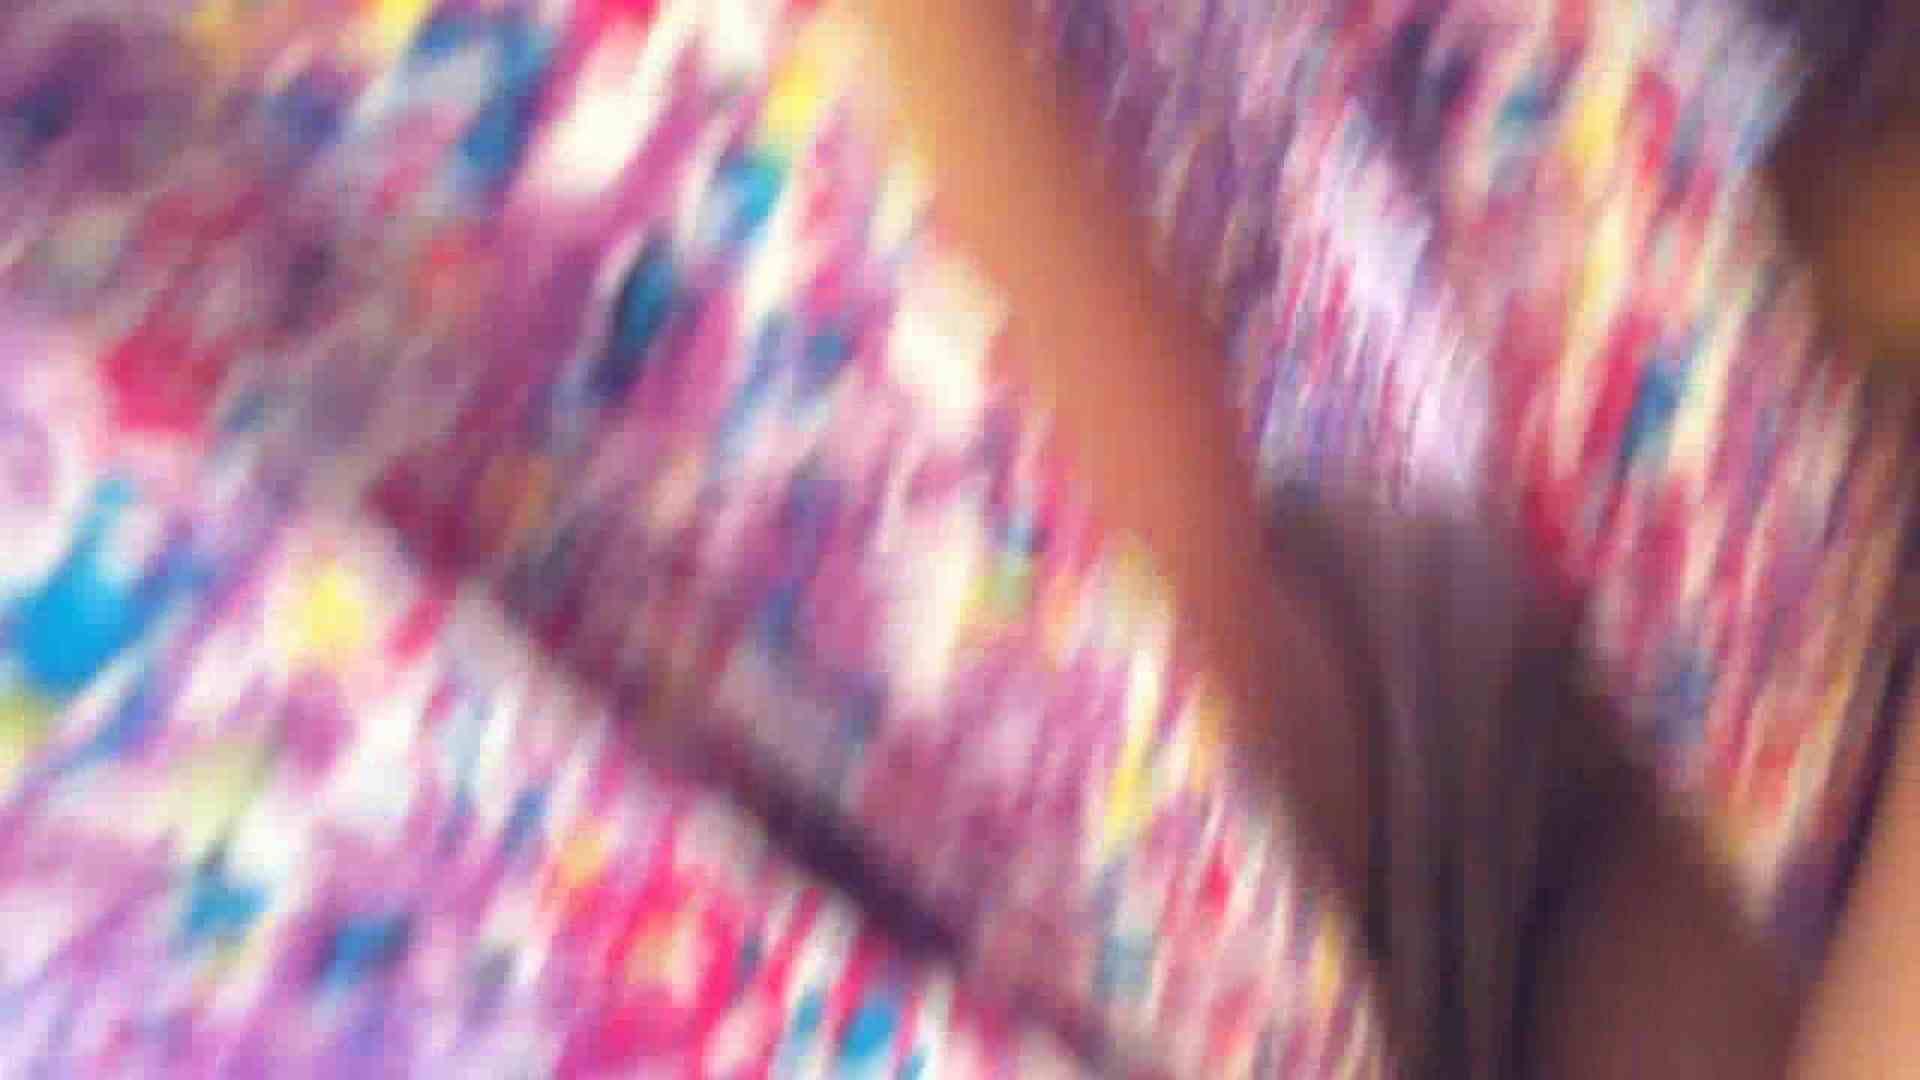 カリスマ店員の胸チラ&パンチラ vol.01 胸チラ アダルト動画キャプチャ 72画像 41